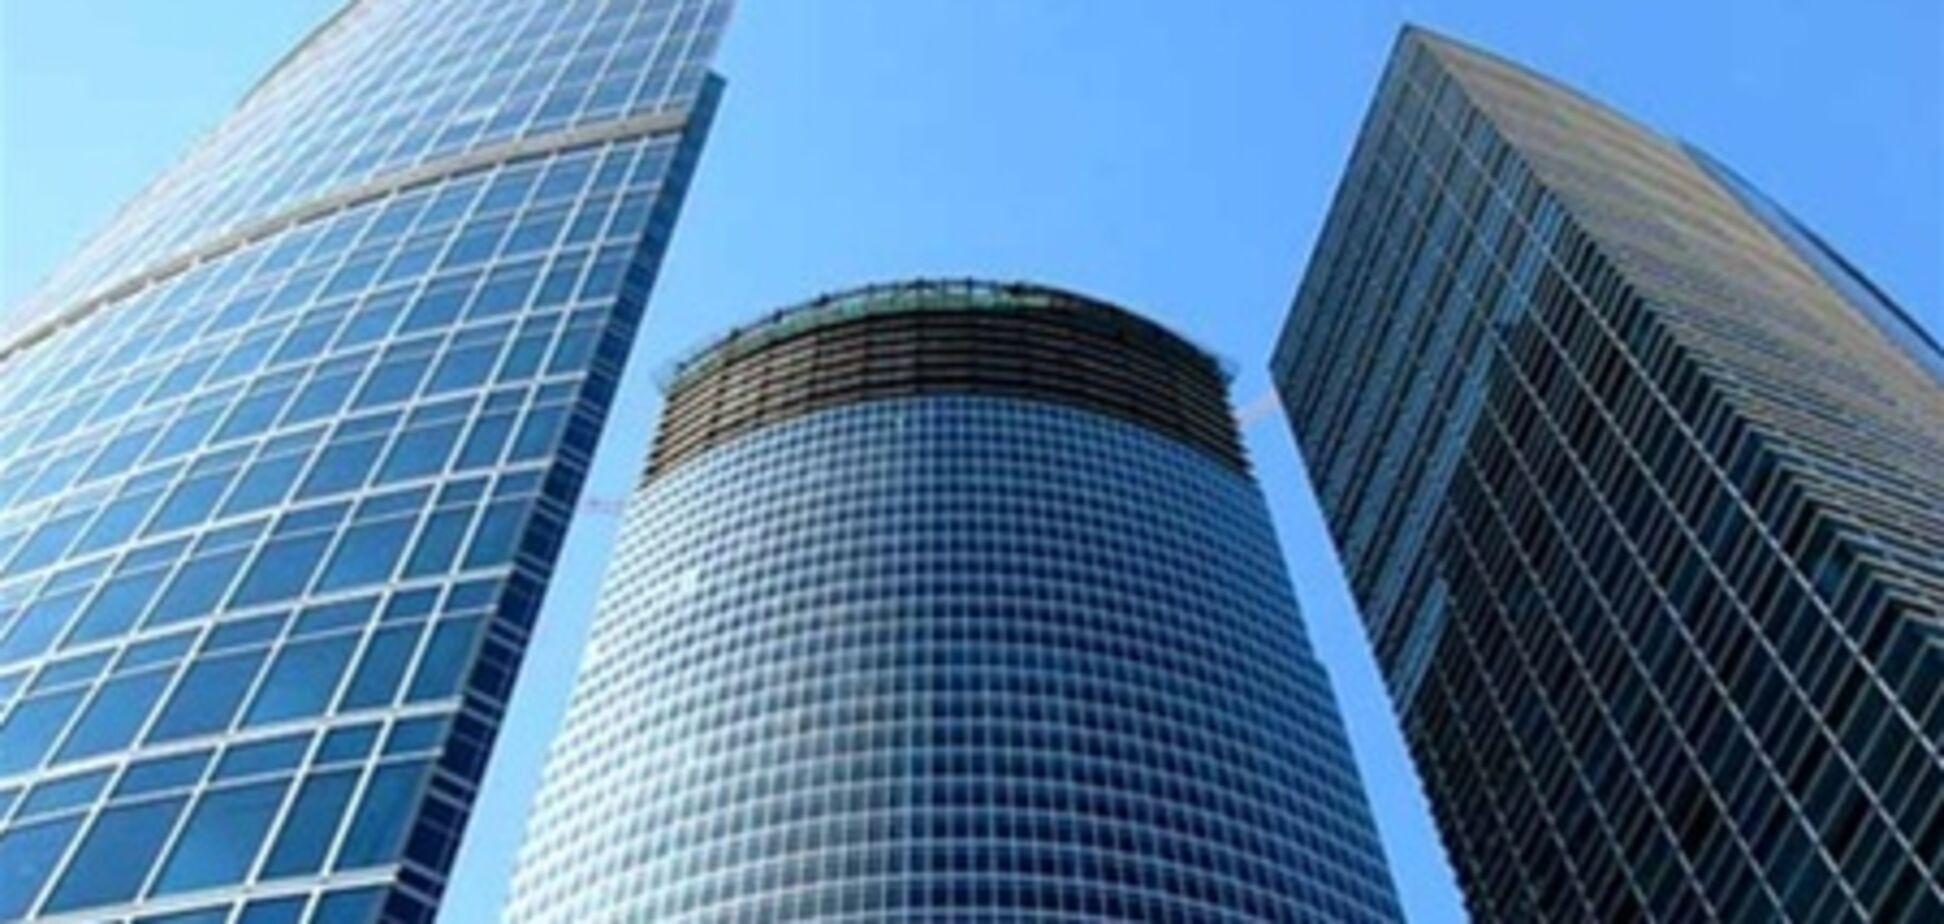 Спекулянты могут взвинтить цены на рынке недвижимости